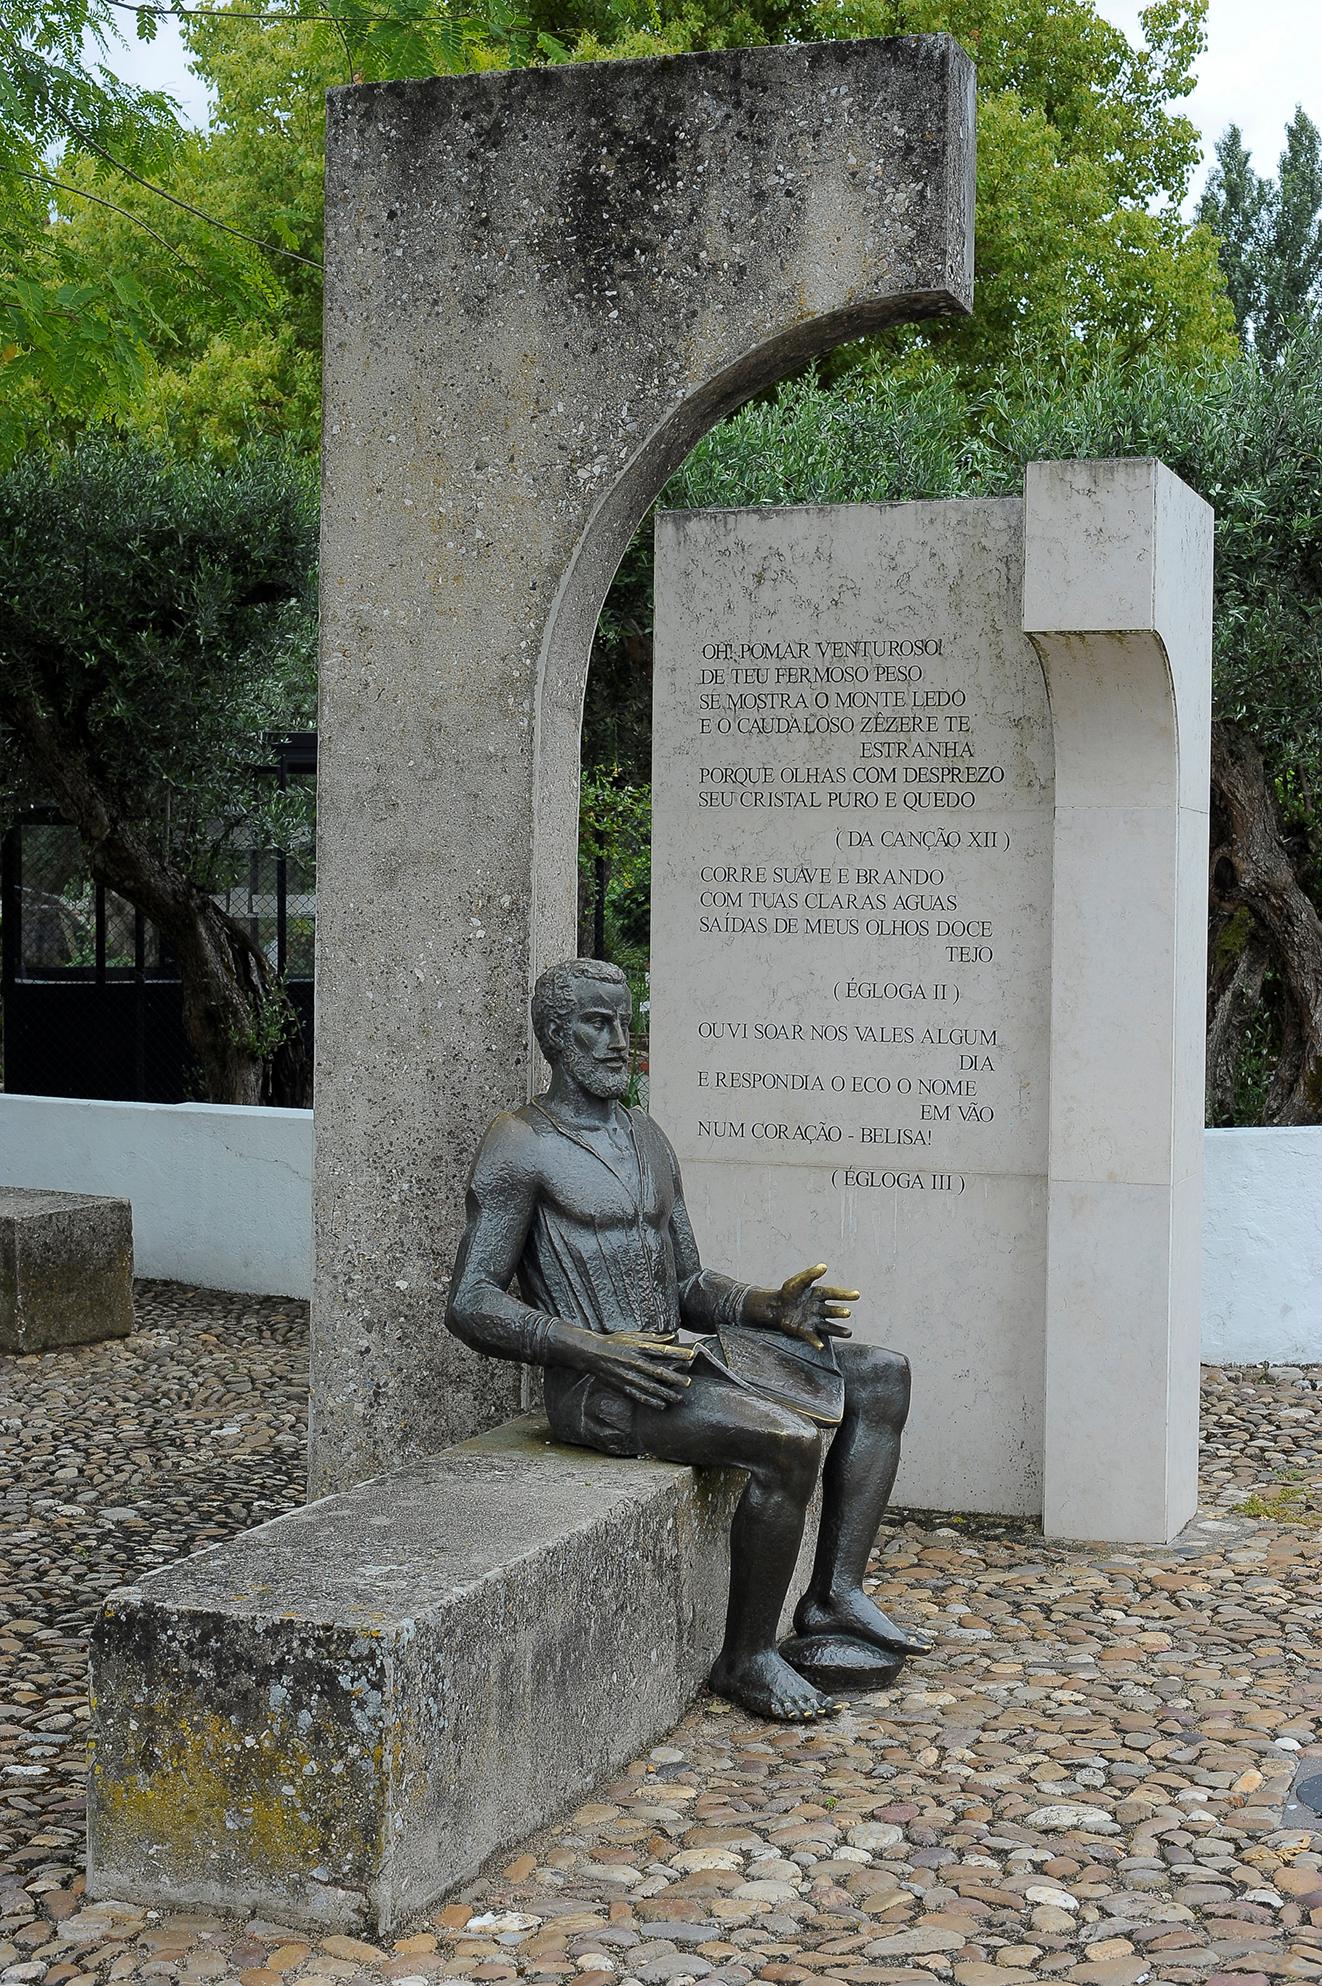 Obra escultórica de Camões do mestre Lobo Henriques